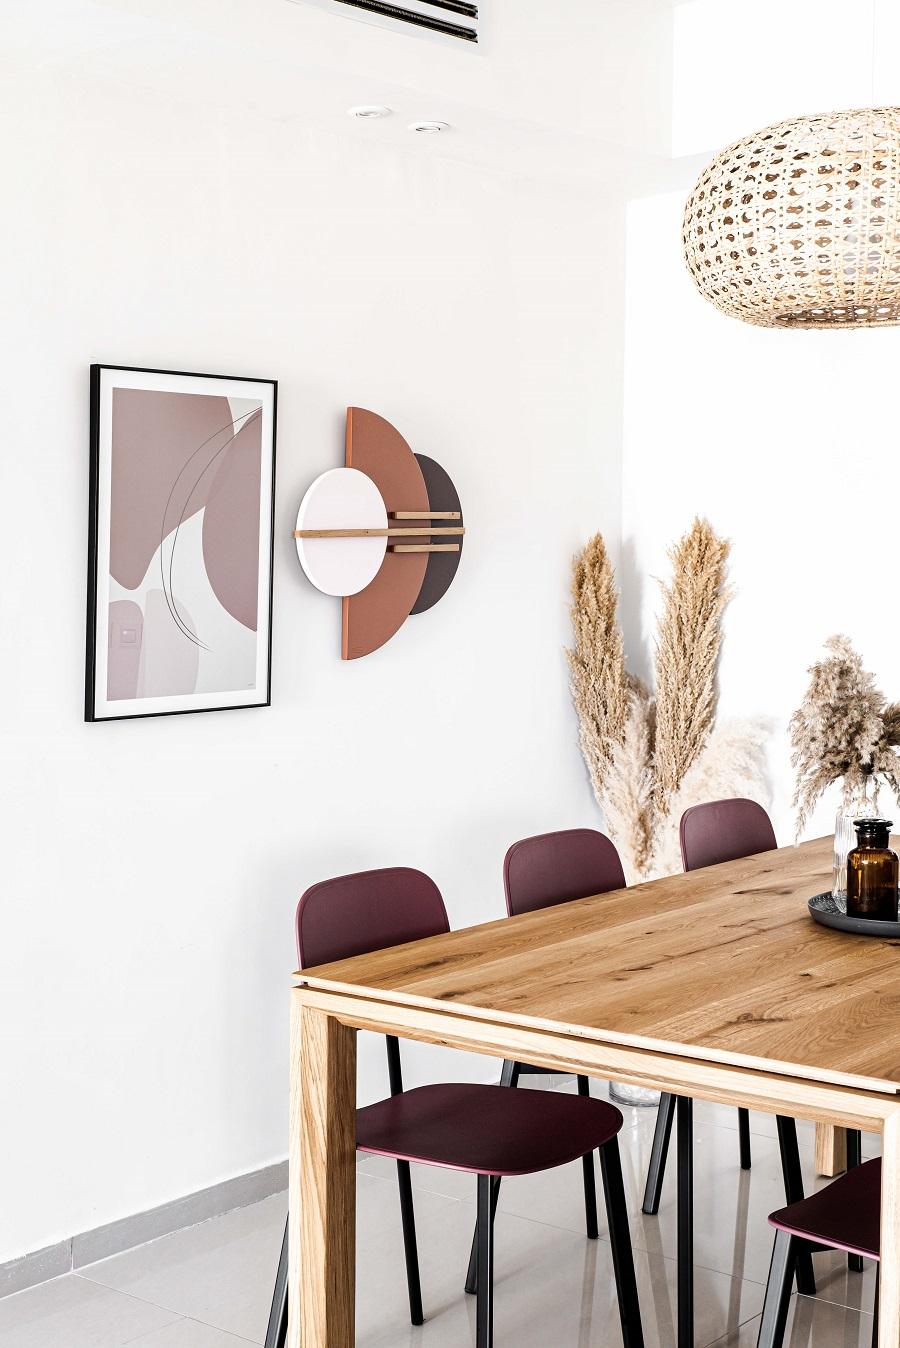 עיצוב אוסי כץ | צילום קרין רבנה